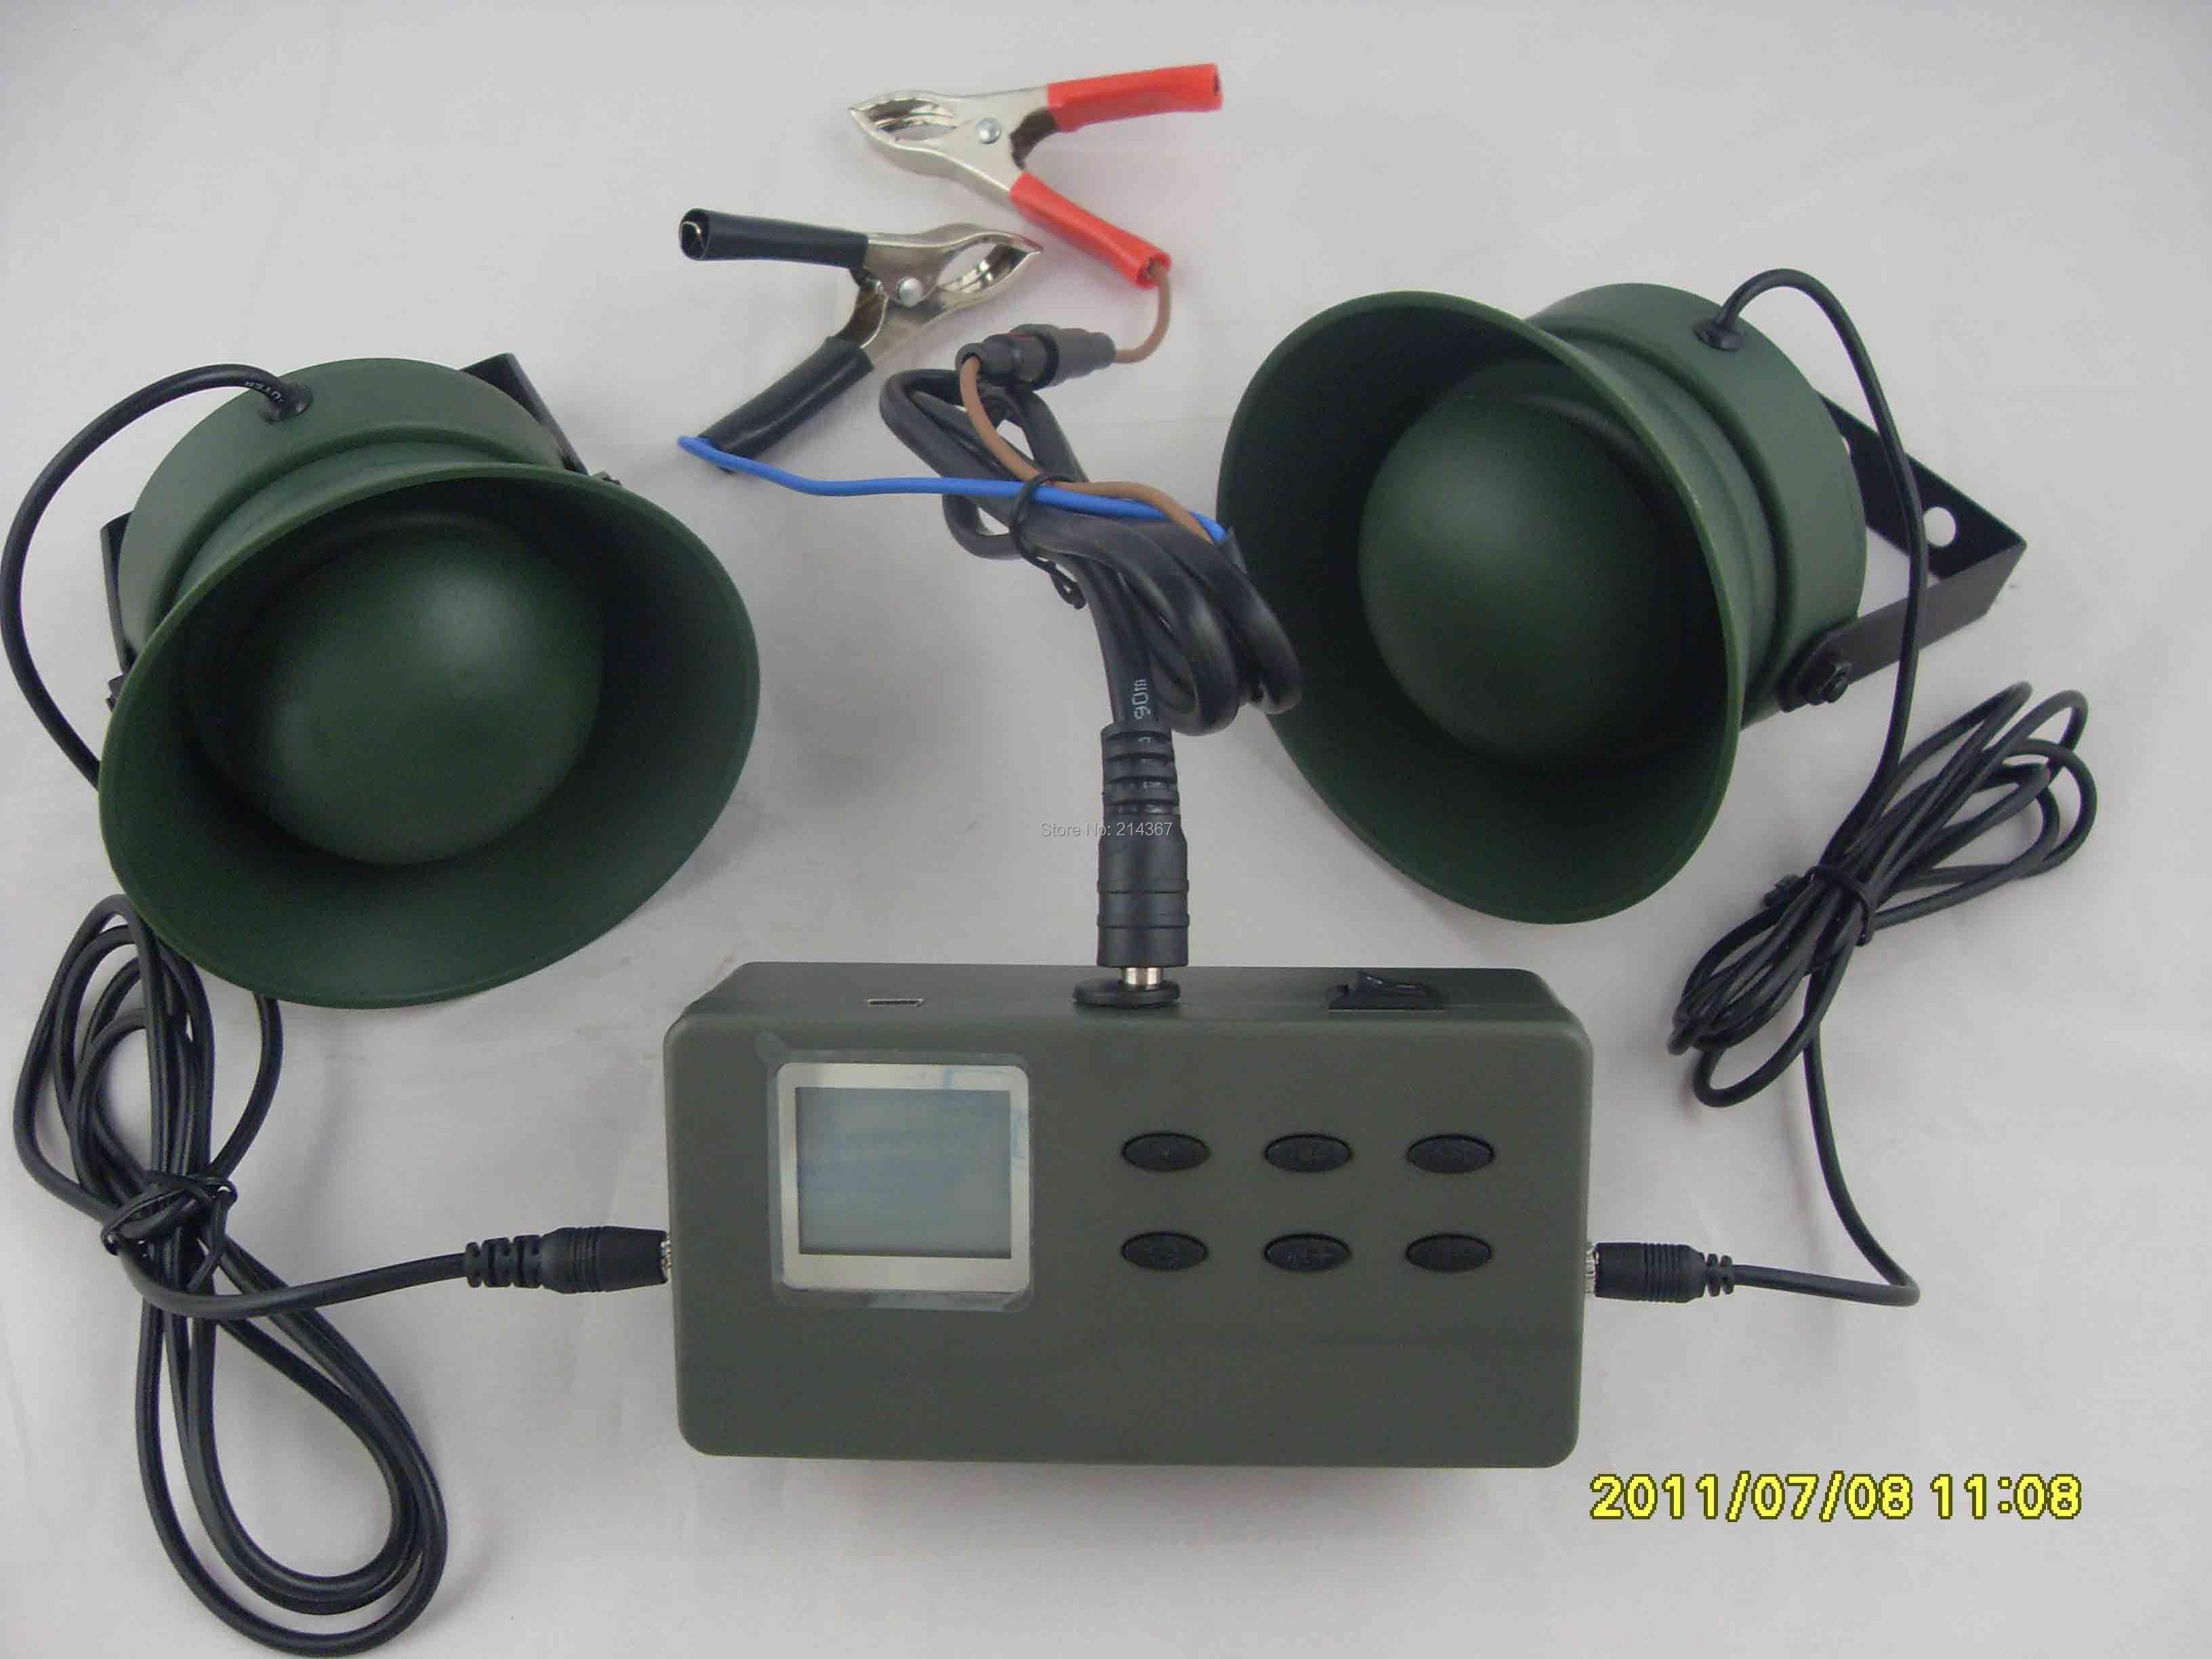 Дикая птица, Мощность 35вт динамик Охота птица звонки птица Звук MP3-плееры Турция птица вызывающей